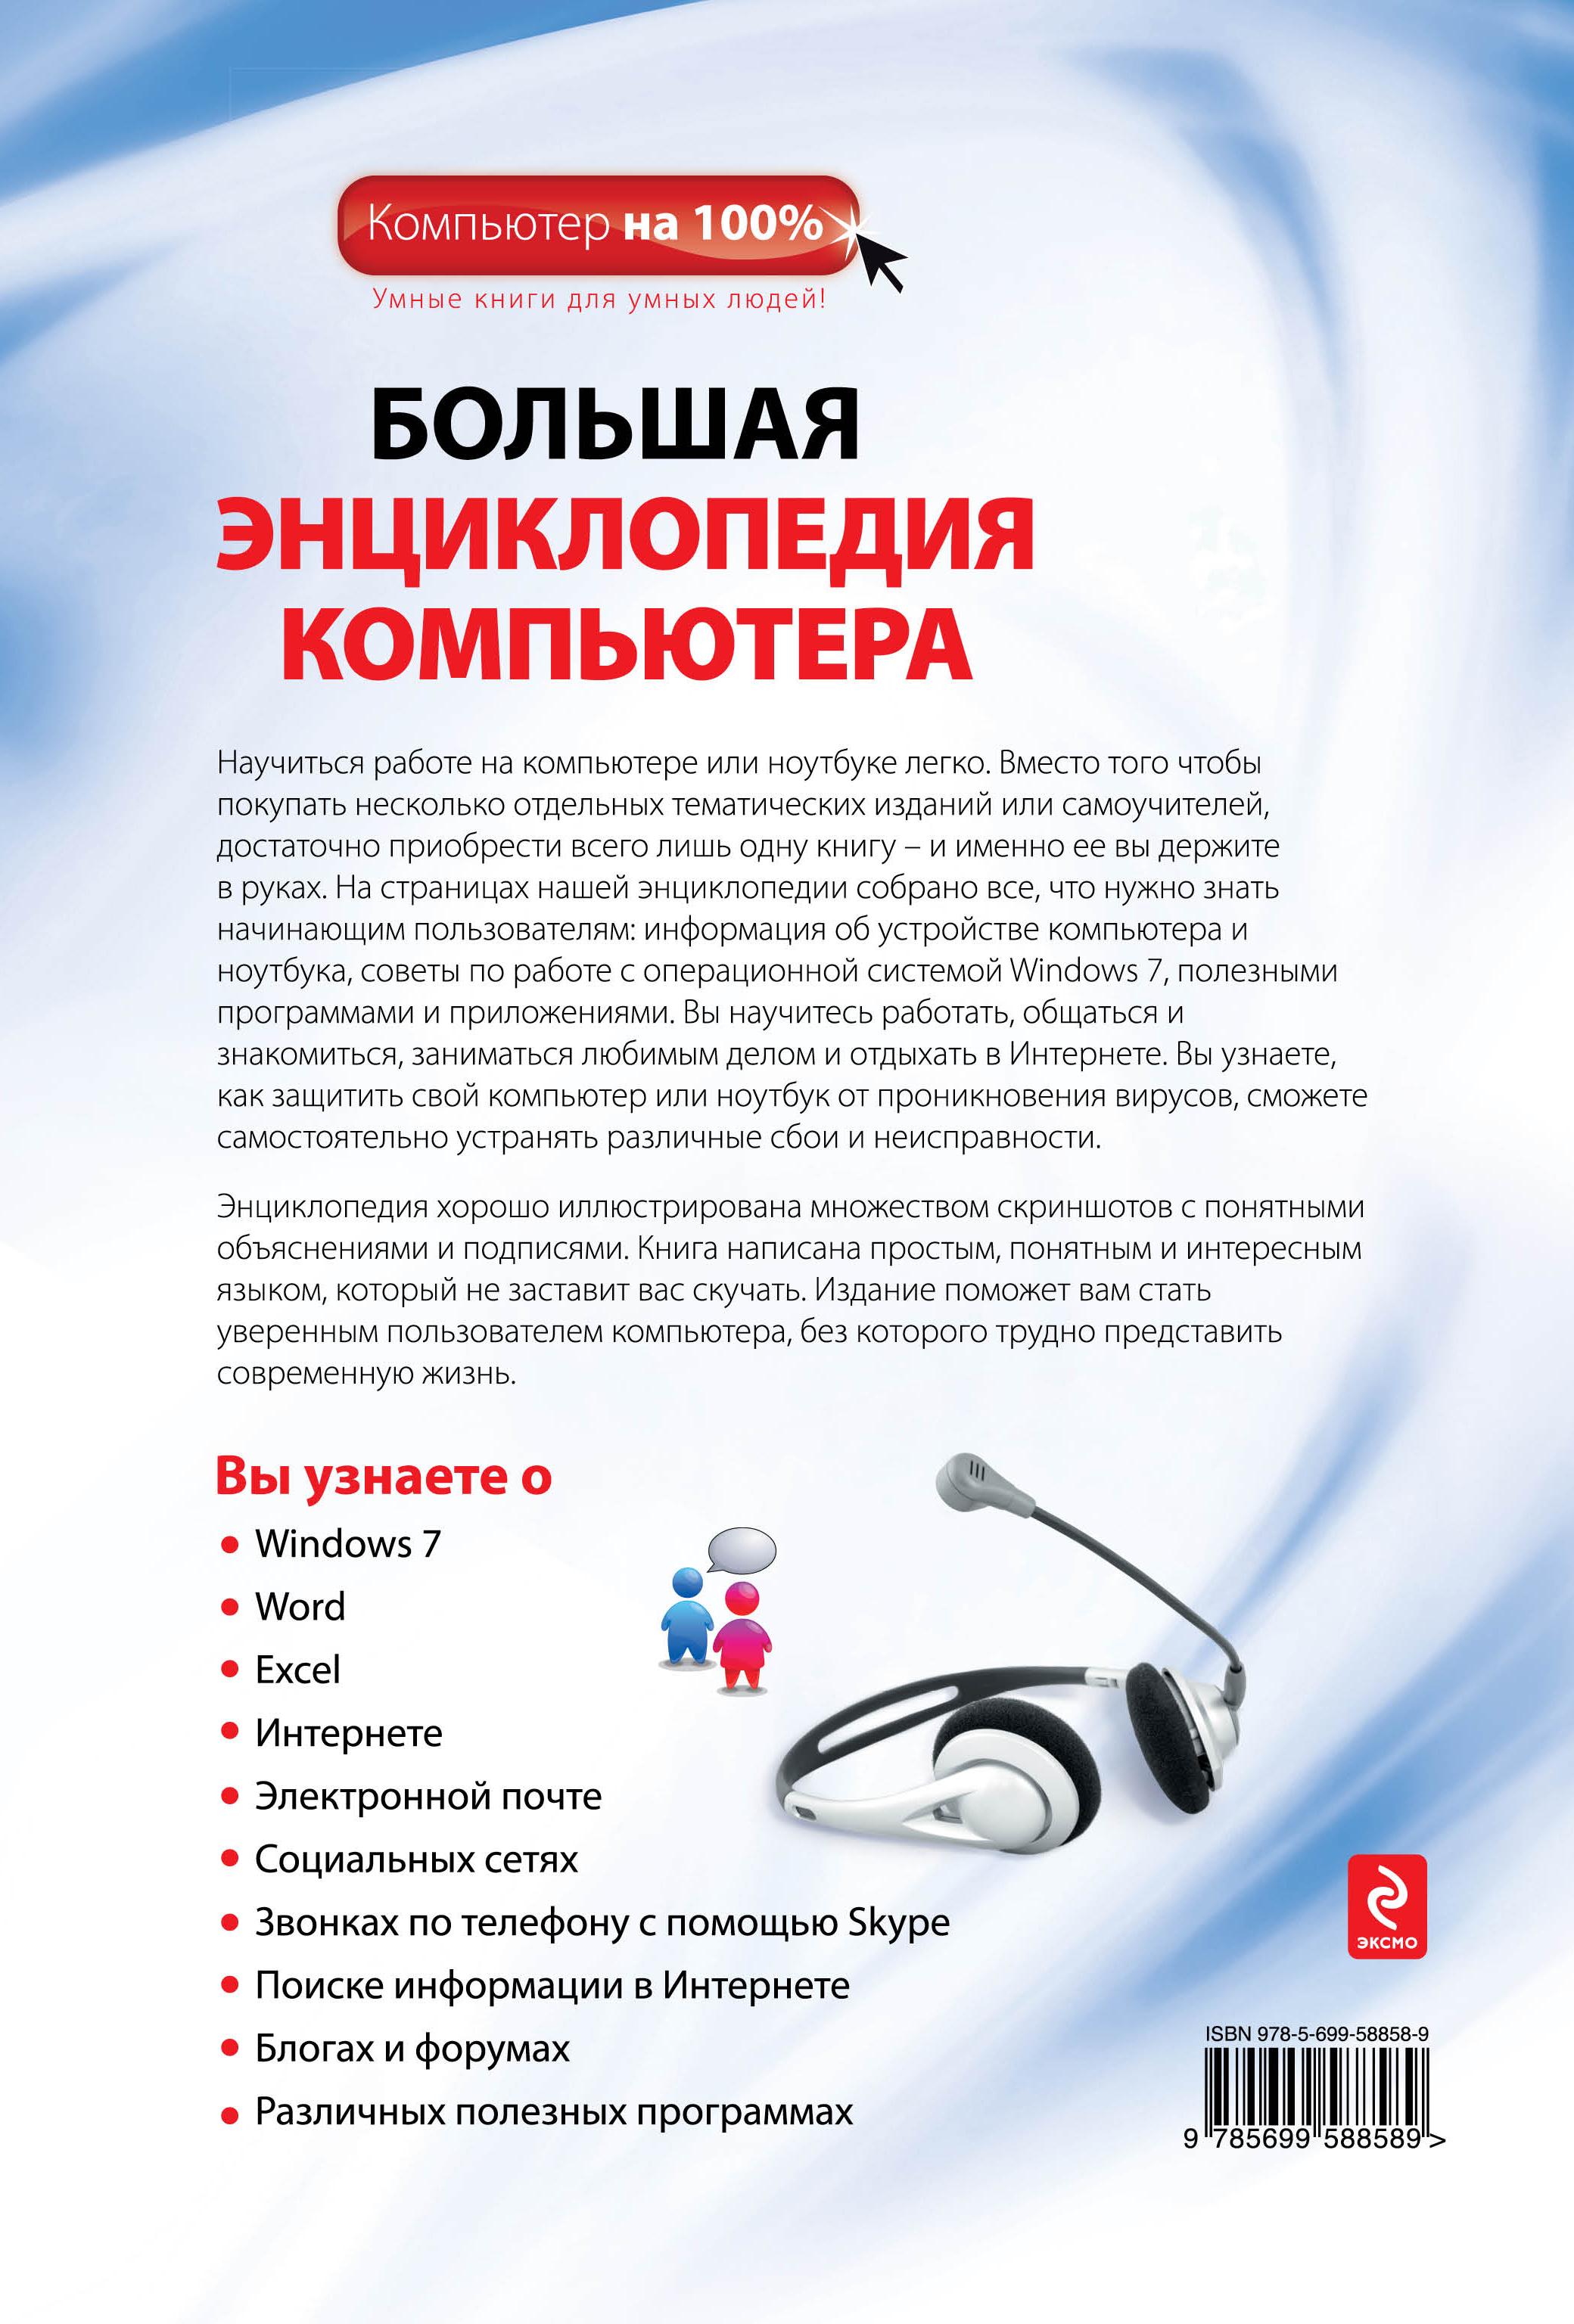 Большая энциклопедия компьютера